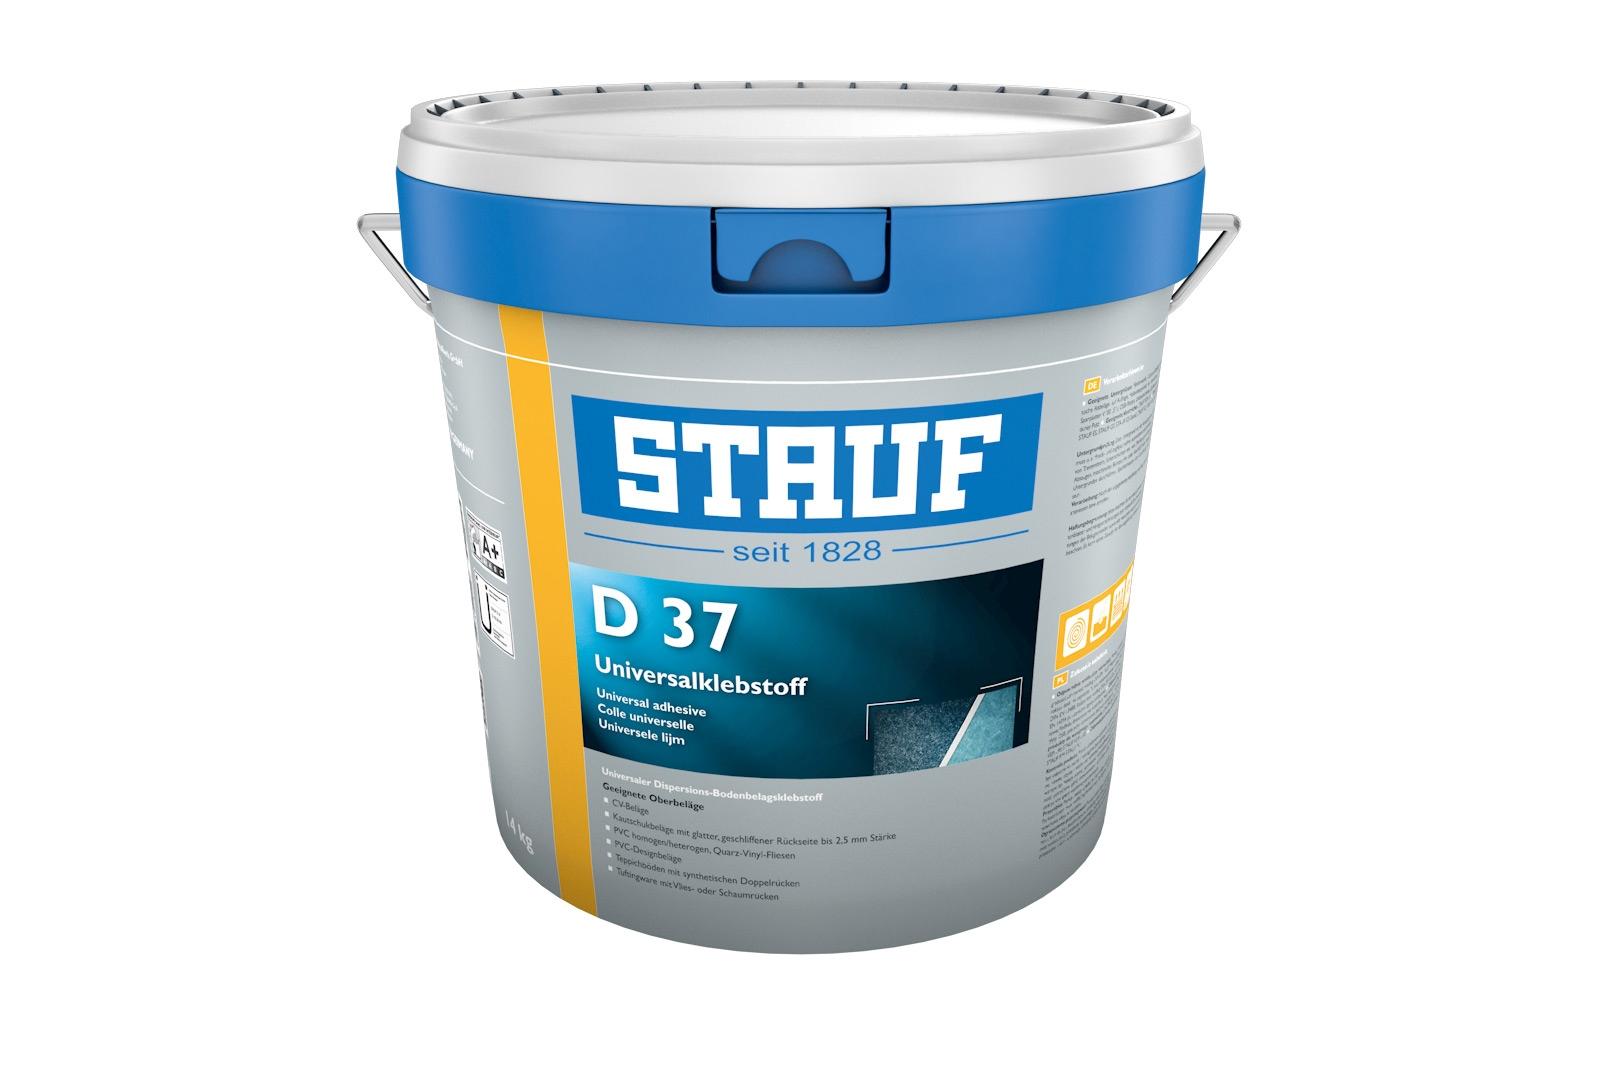 Stauf D 37 Premium Dispersions-Bodenbelags- und Kontaktklebstoff